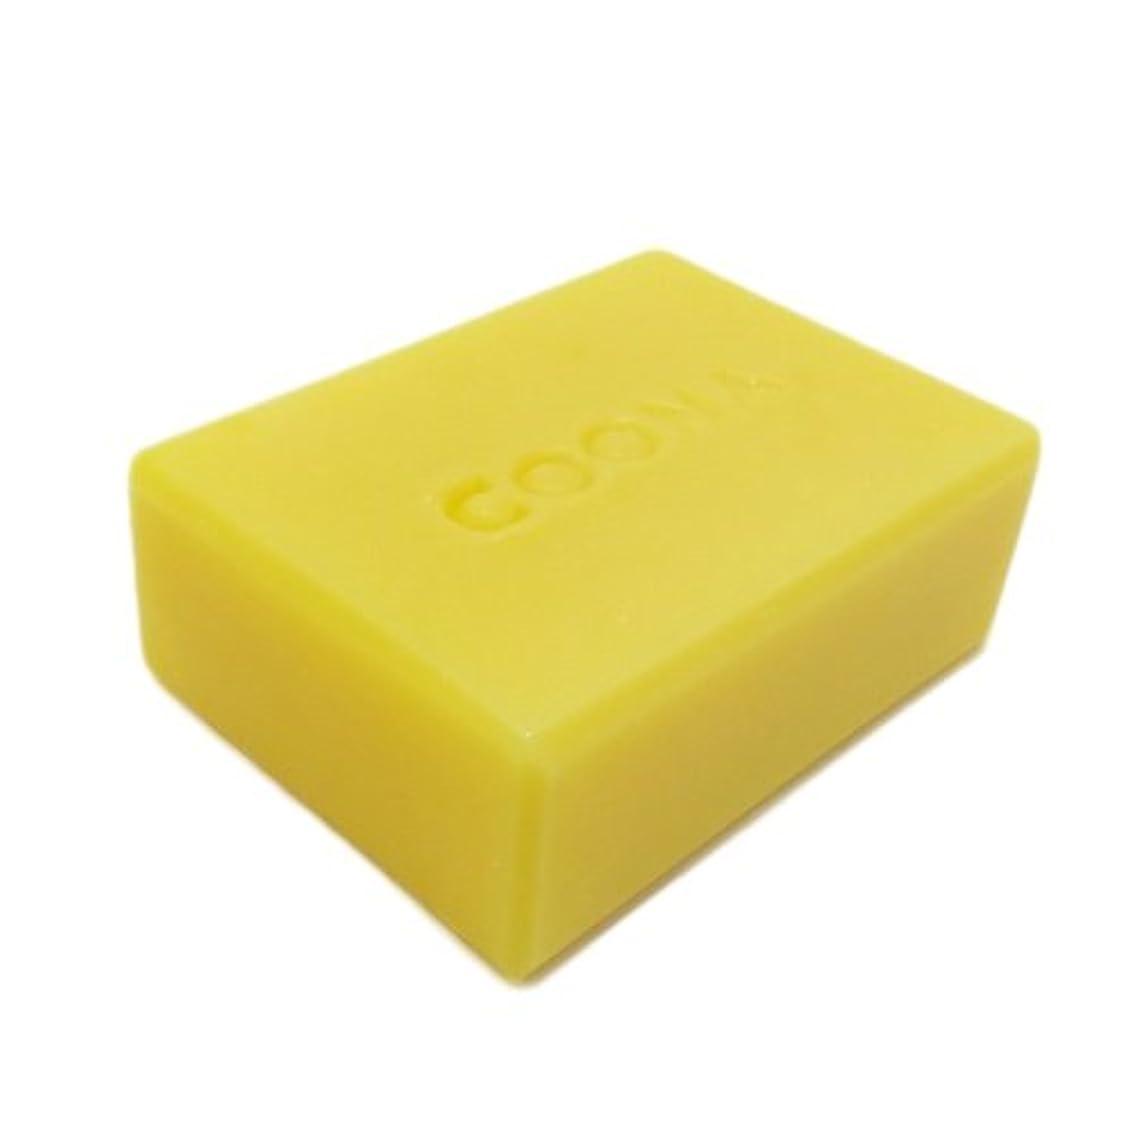 批判する先行するライナー洗顔石鹸 COONAピュアEO石けん イランイラン (天然素材 自然派 コールドプロセス 手作り せっけん) 80g